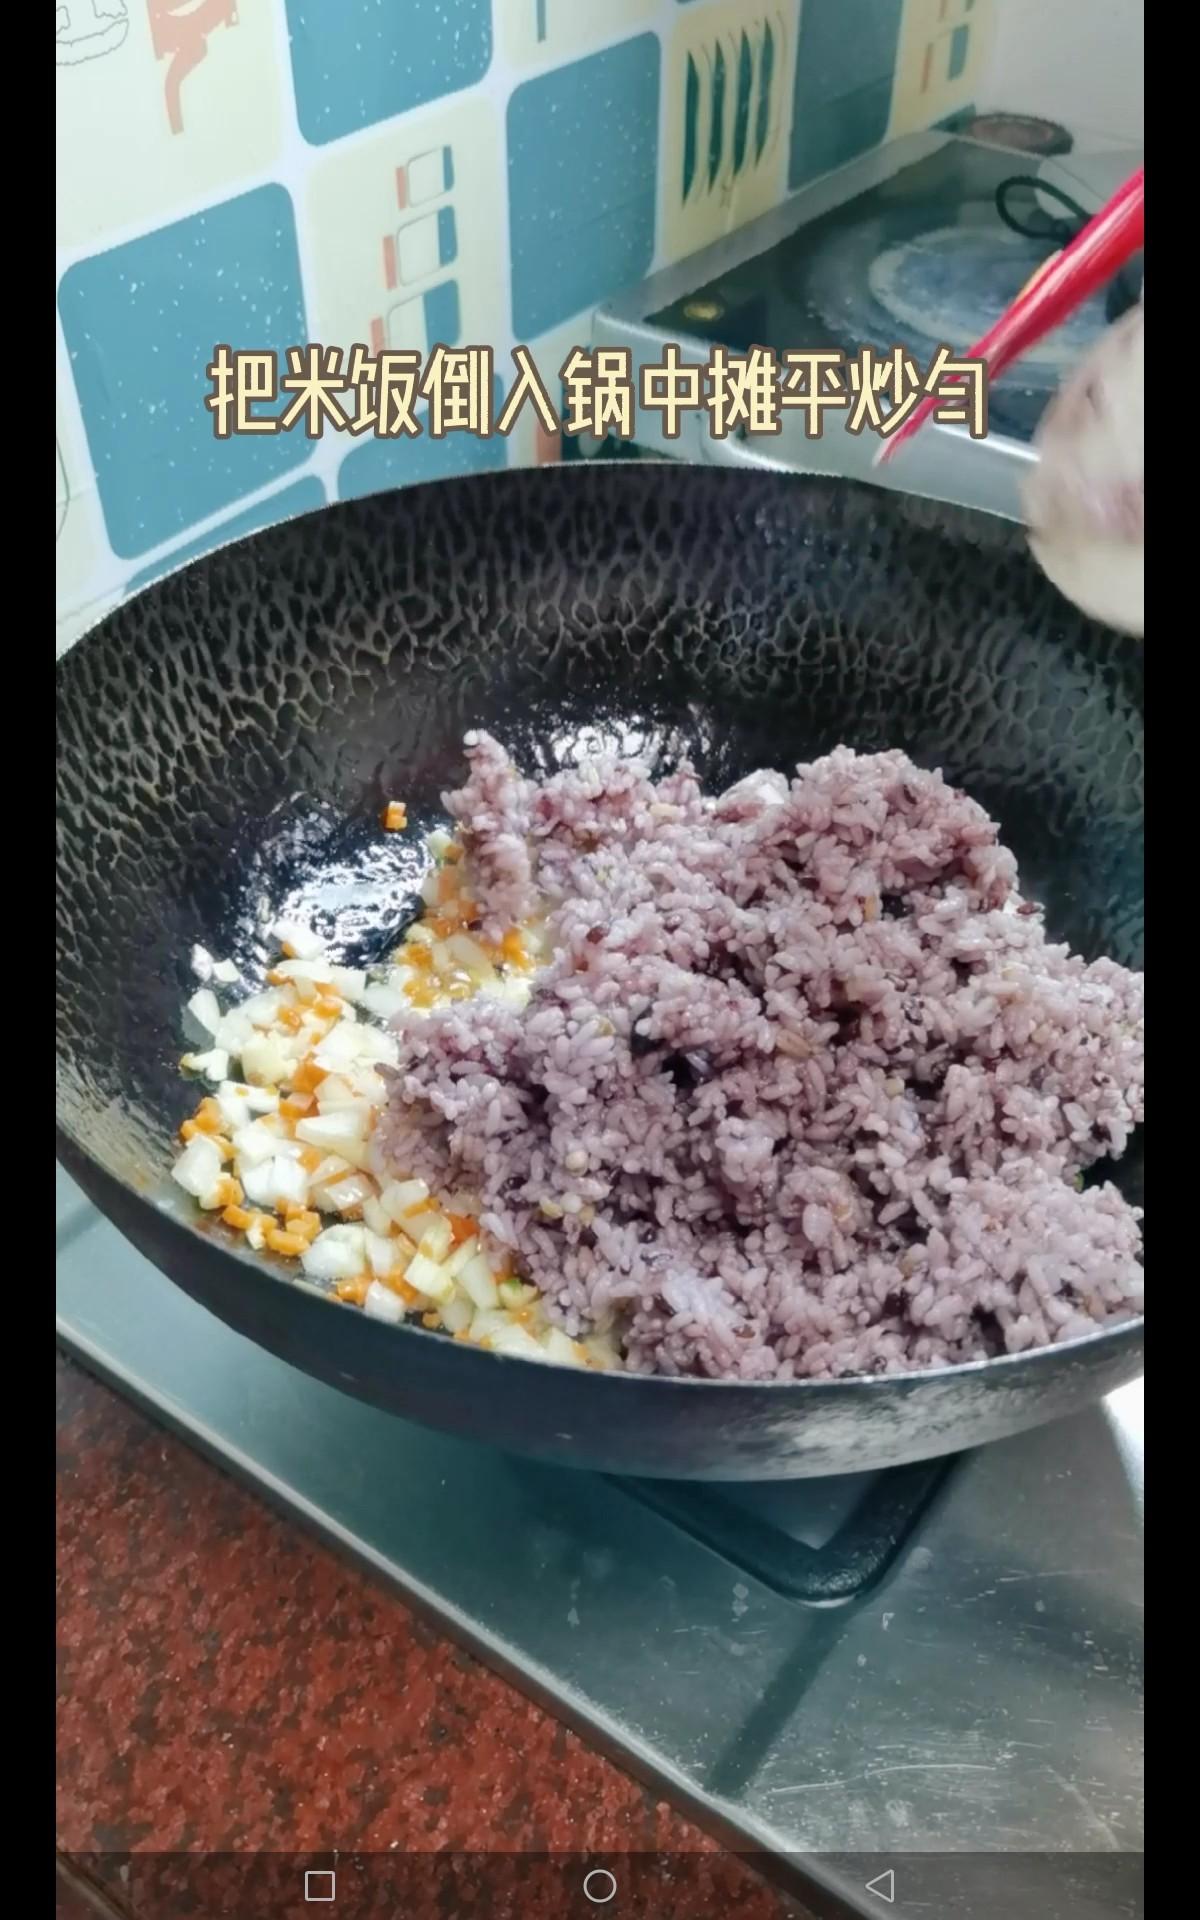 虾仁蛋炒粗粮饭怎么煮